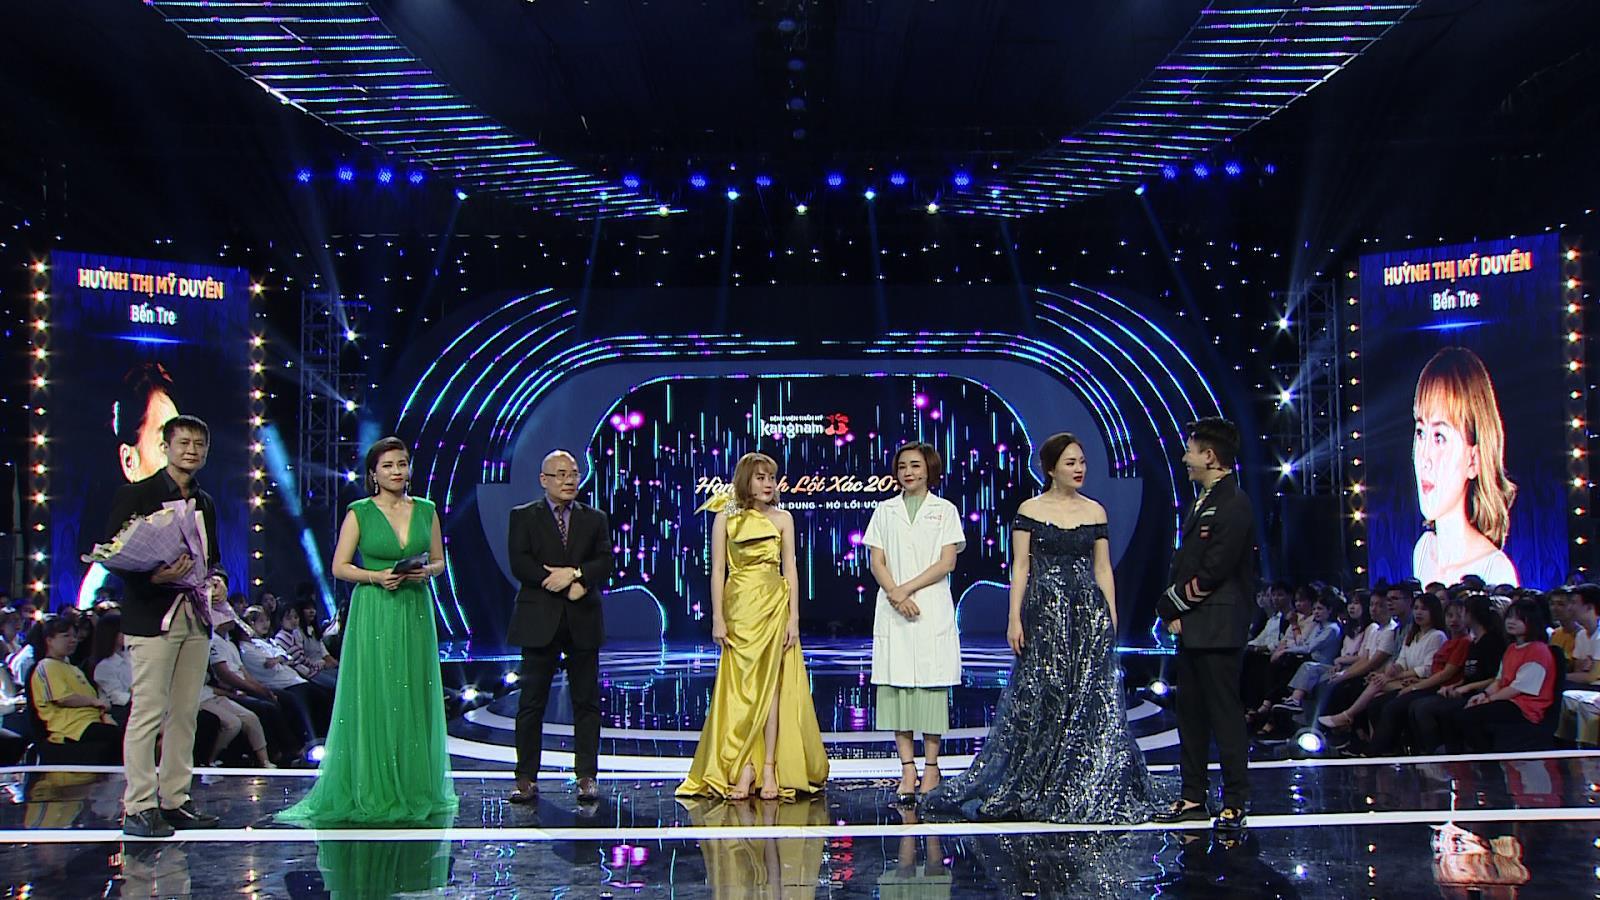 """Đạo diễn Lê Hoàng phát ngôn chặt chém nhưng vẫn """"rất tình"""" trong show thẩm mỹ - Ảnh 1."""